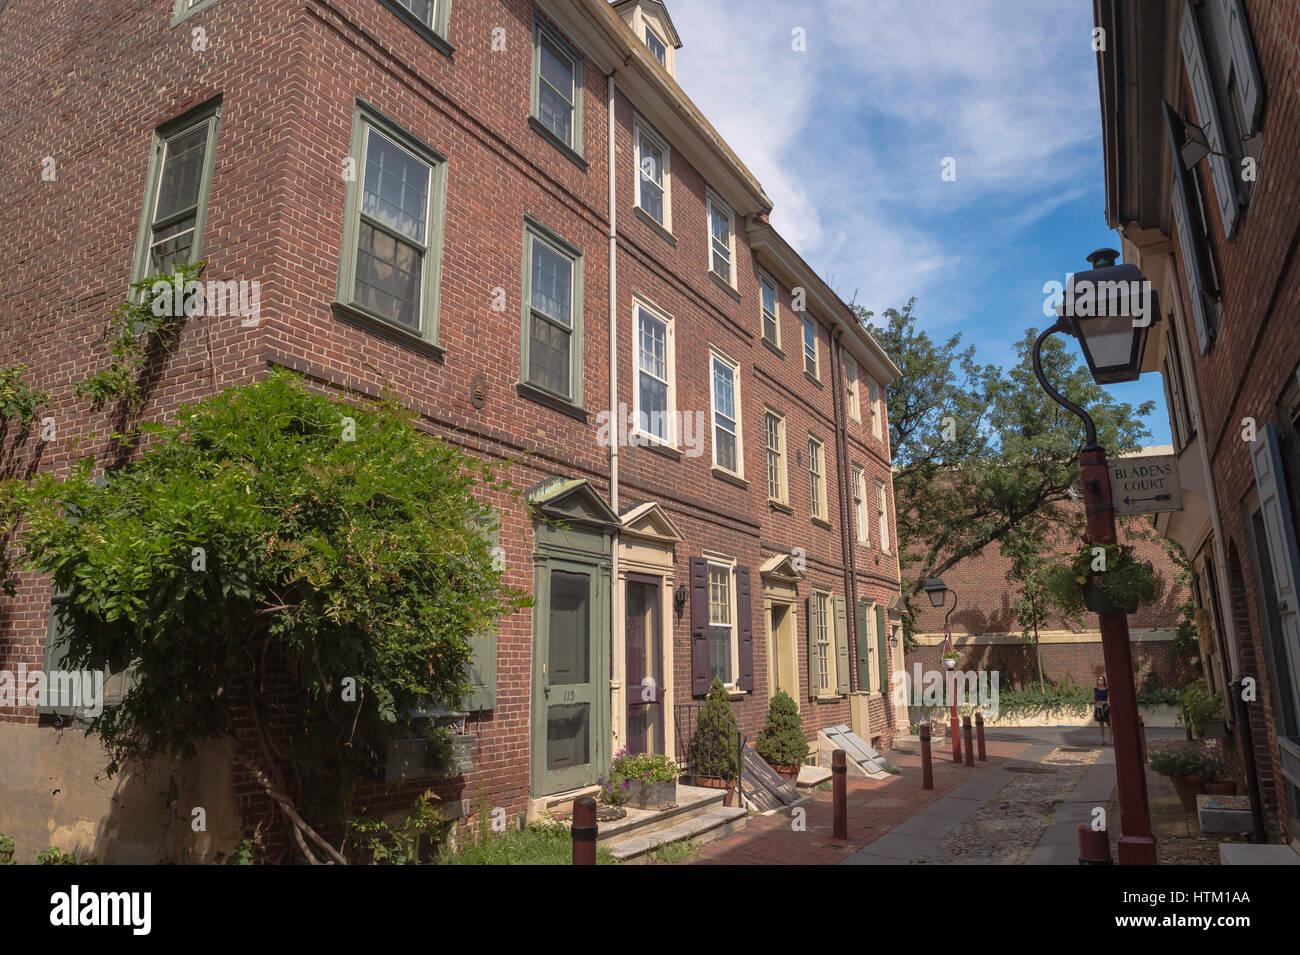 Elfreths Alley Red Brick House Stock Photos & Elfreths ...